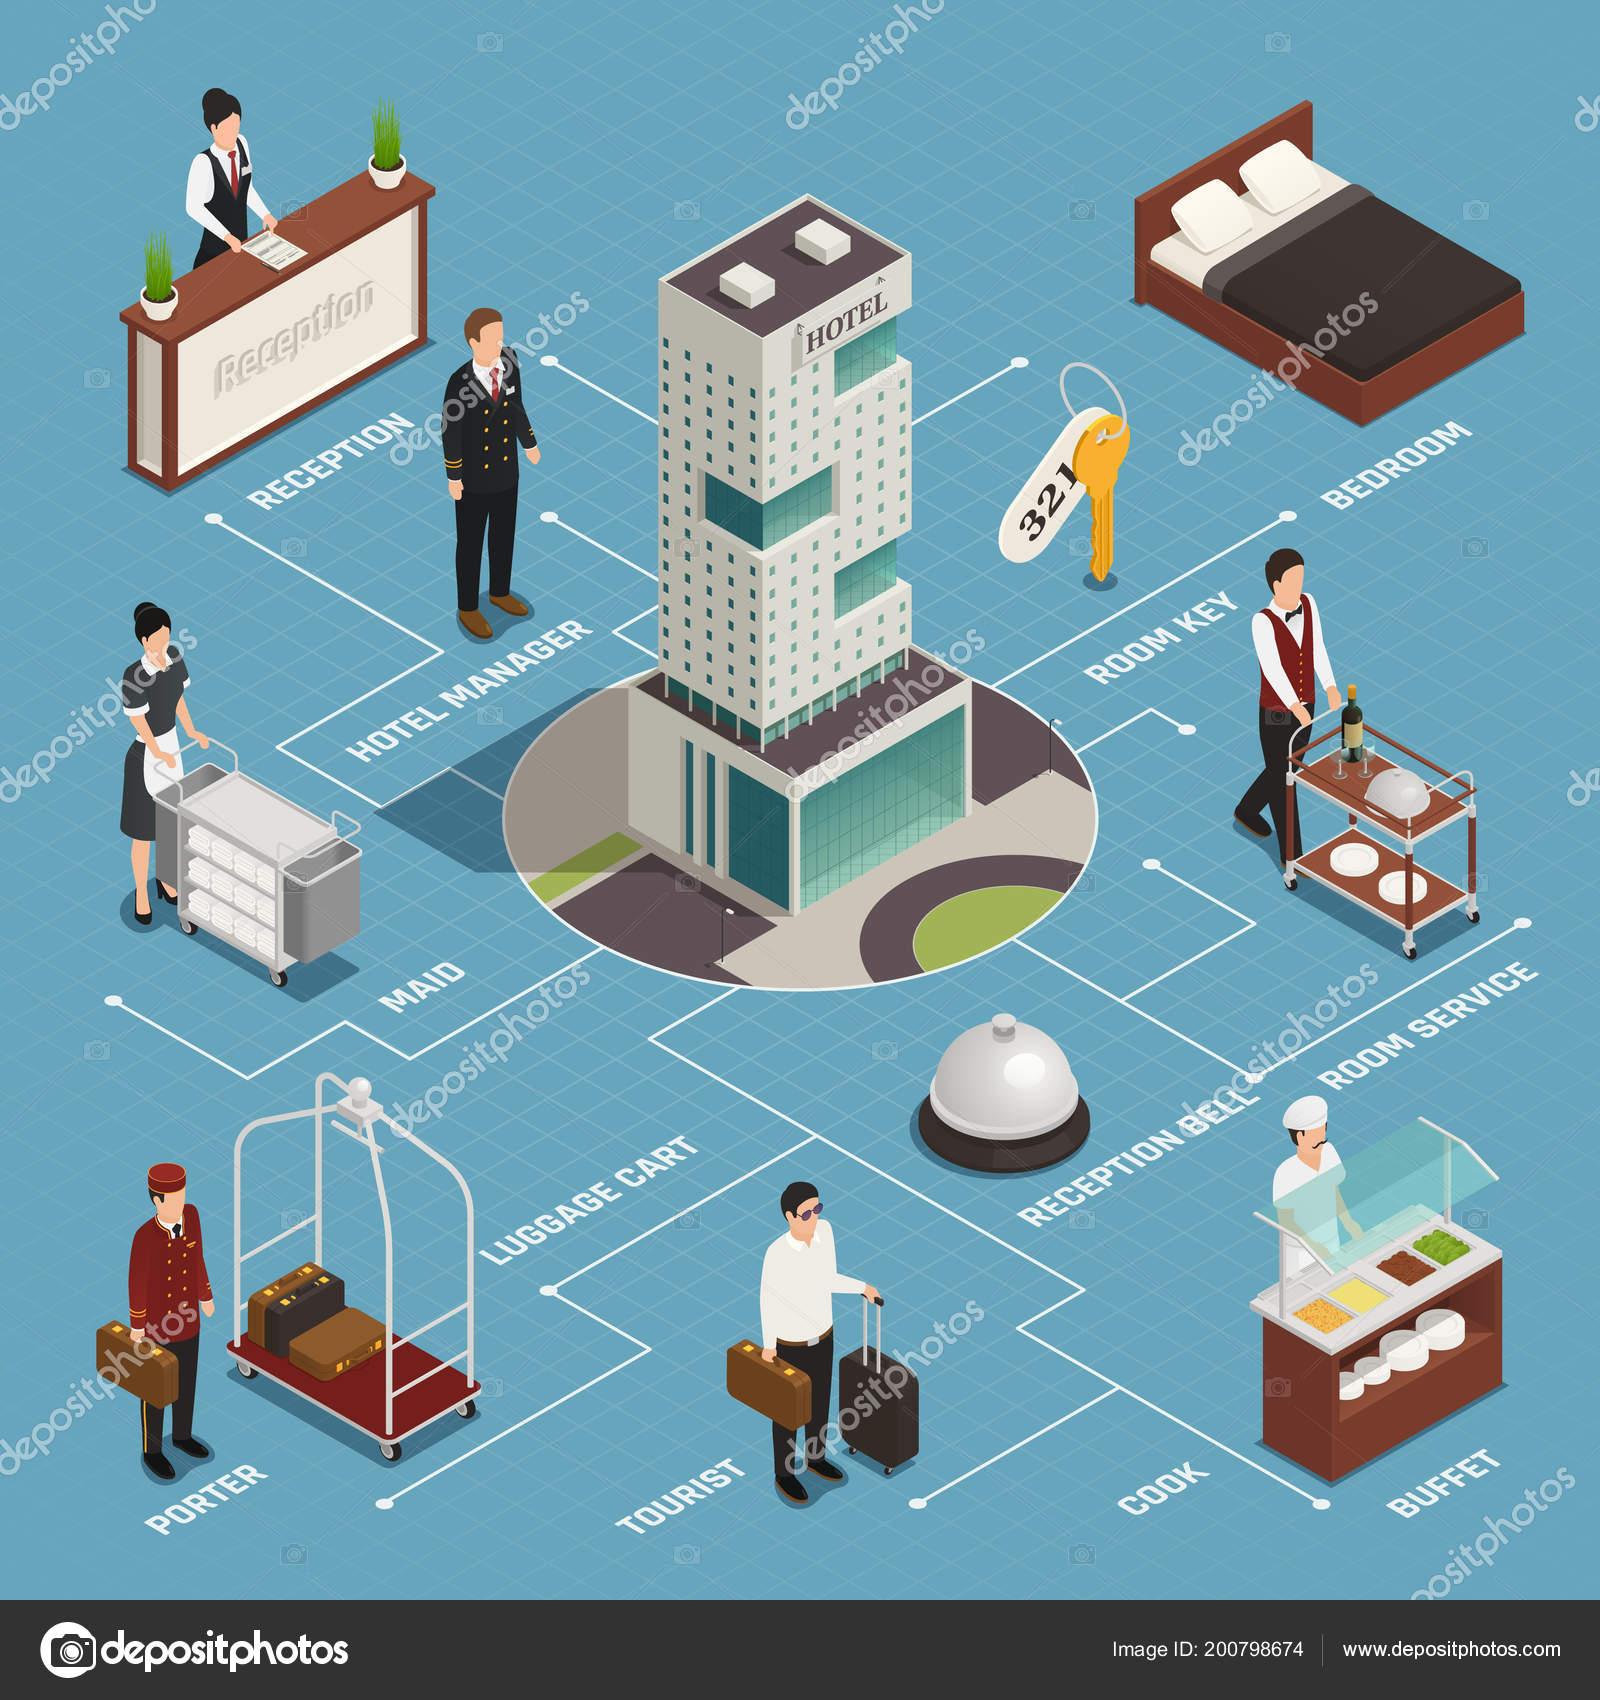 Diagrama de flujo isomtrico servicio de hotel archivo imgenes diagrama de flujo isomtrico servicio de hotel archivo imgenes vectoriales ccuart Gallery